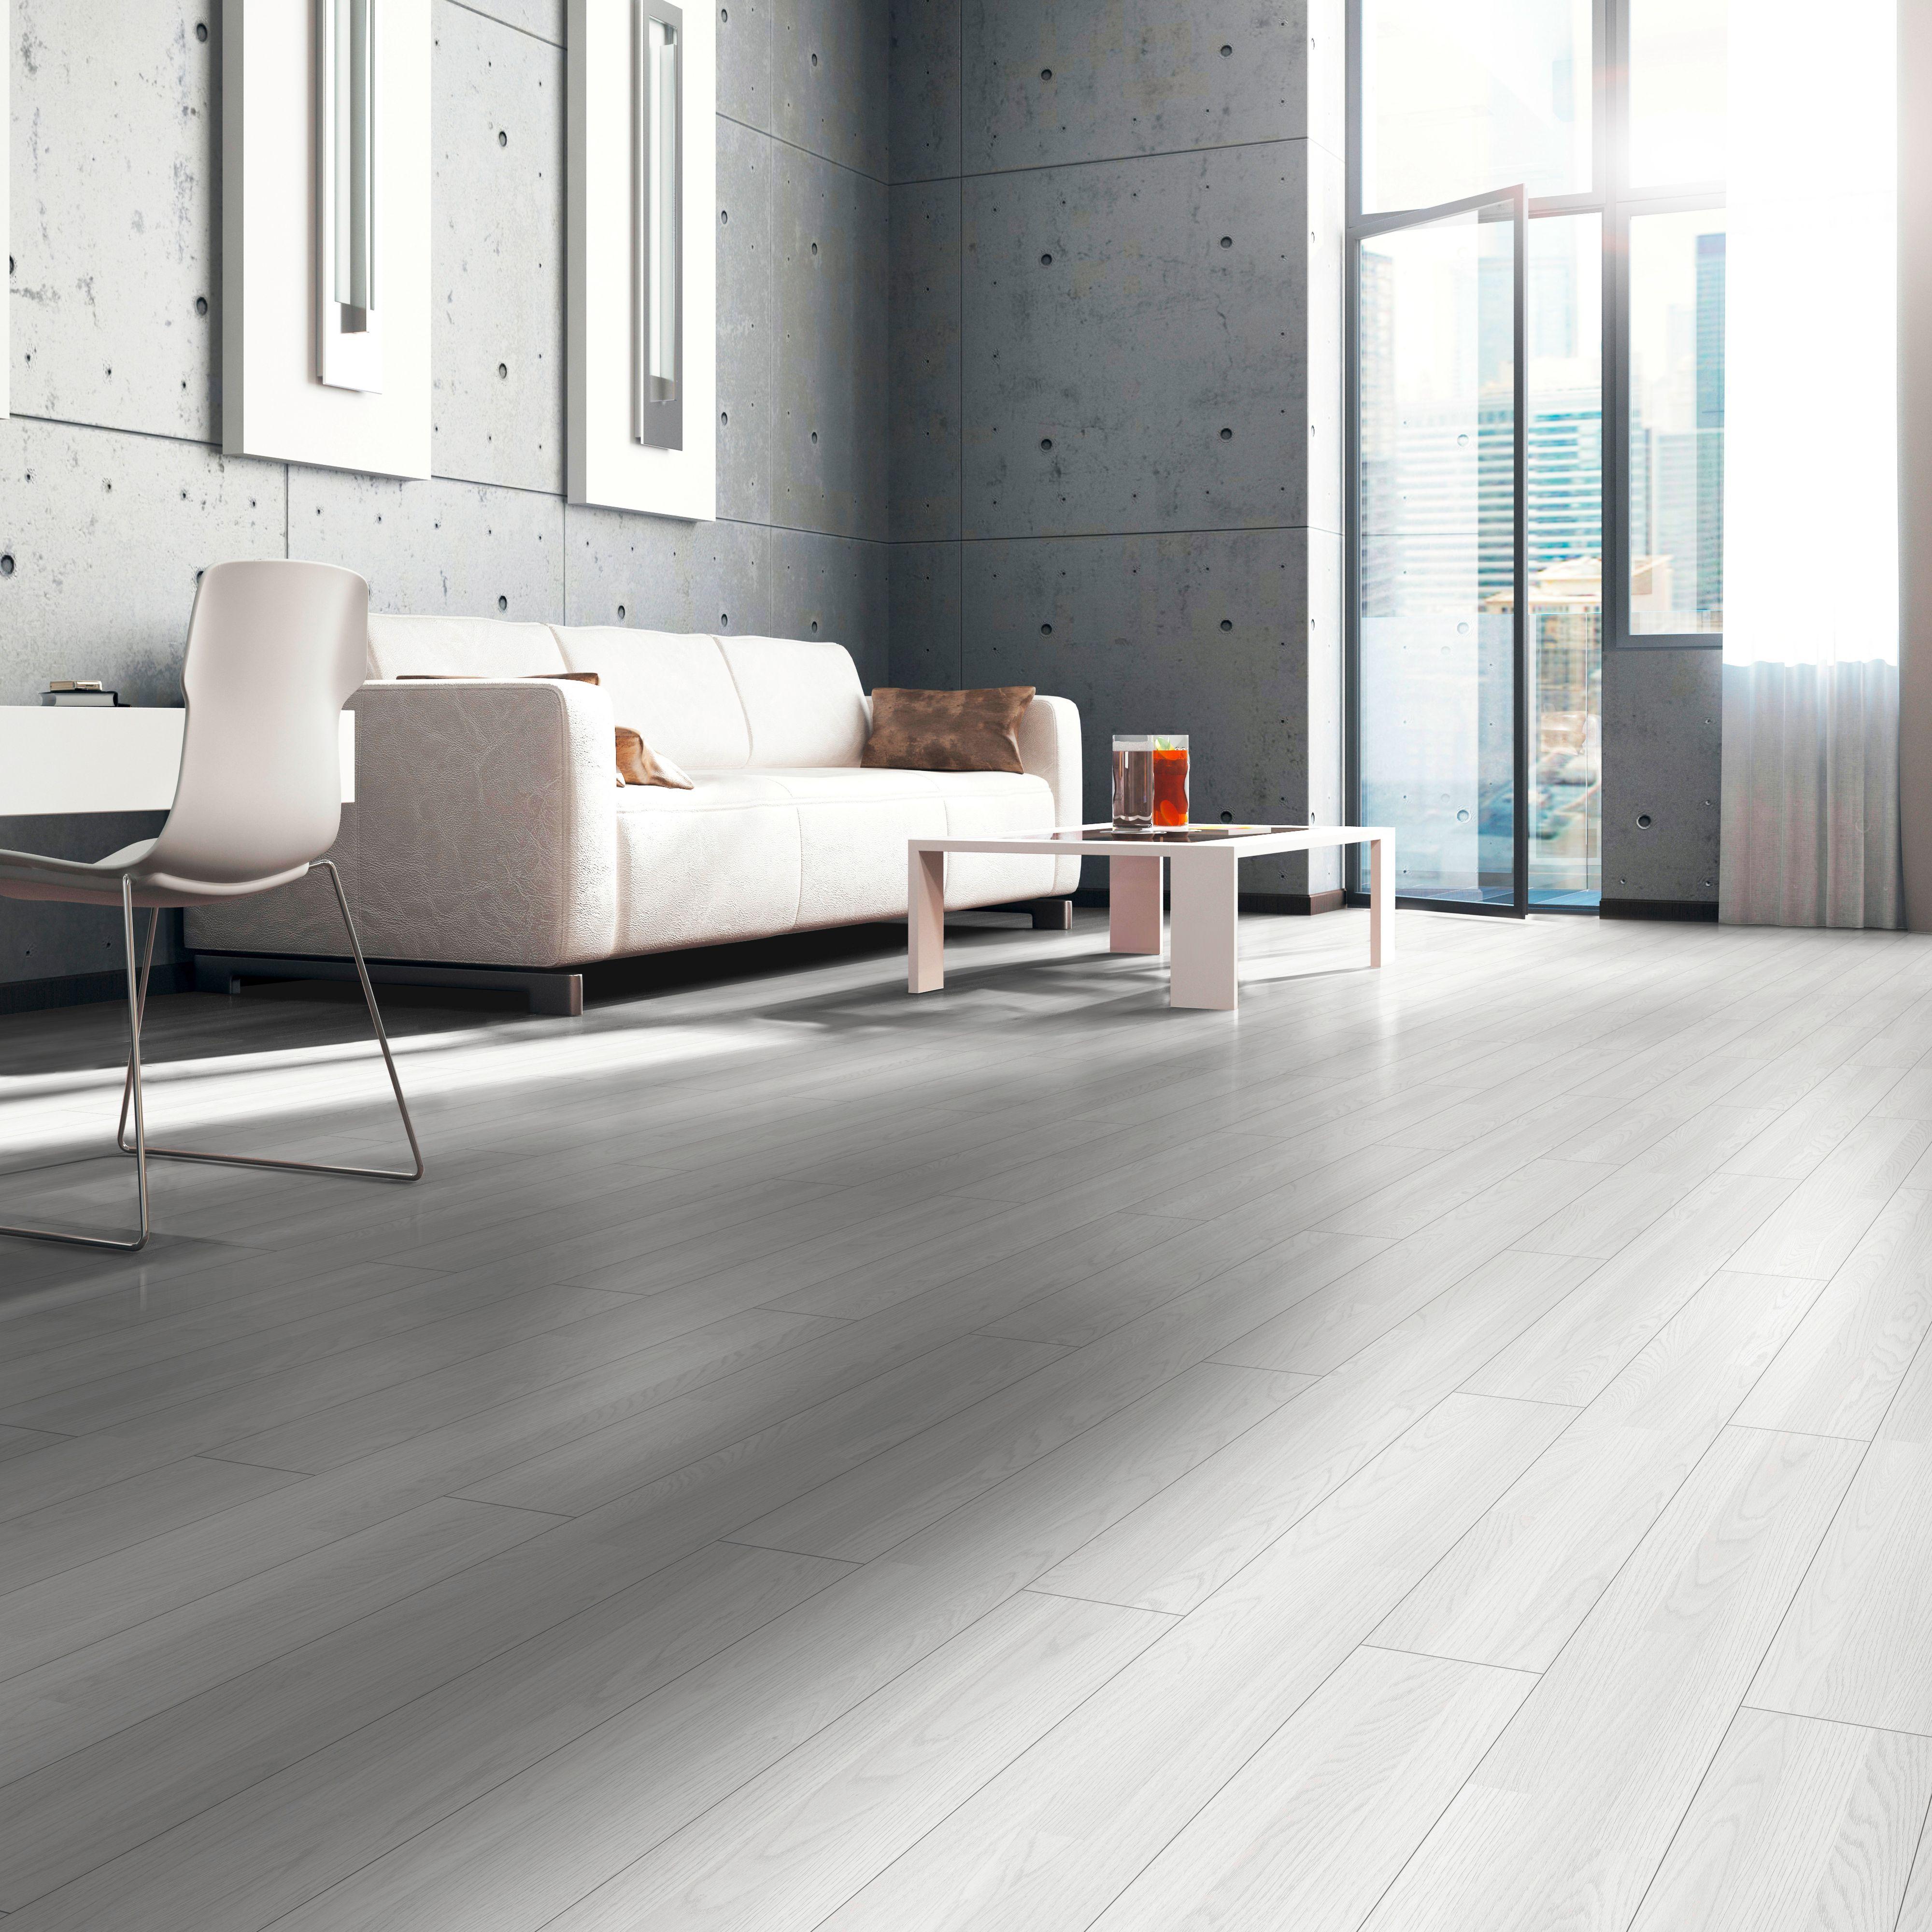 Whitewash Oak Whitewood Effect Laminate Flooring 3 m² Pack | Departments | DIY at B&Q